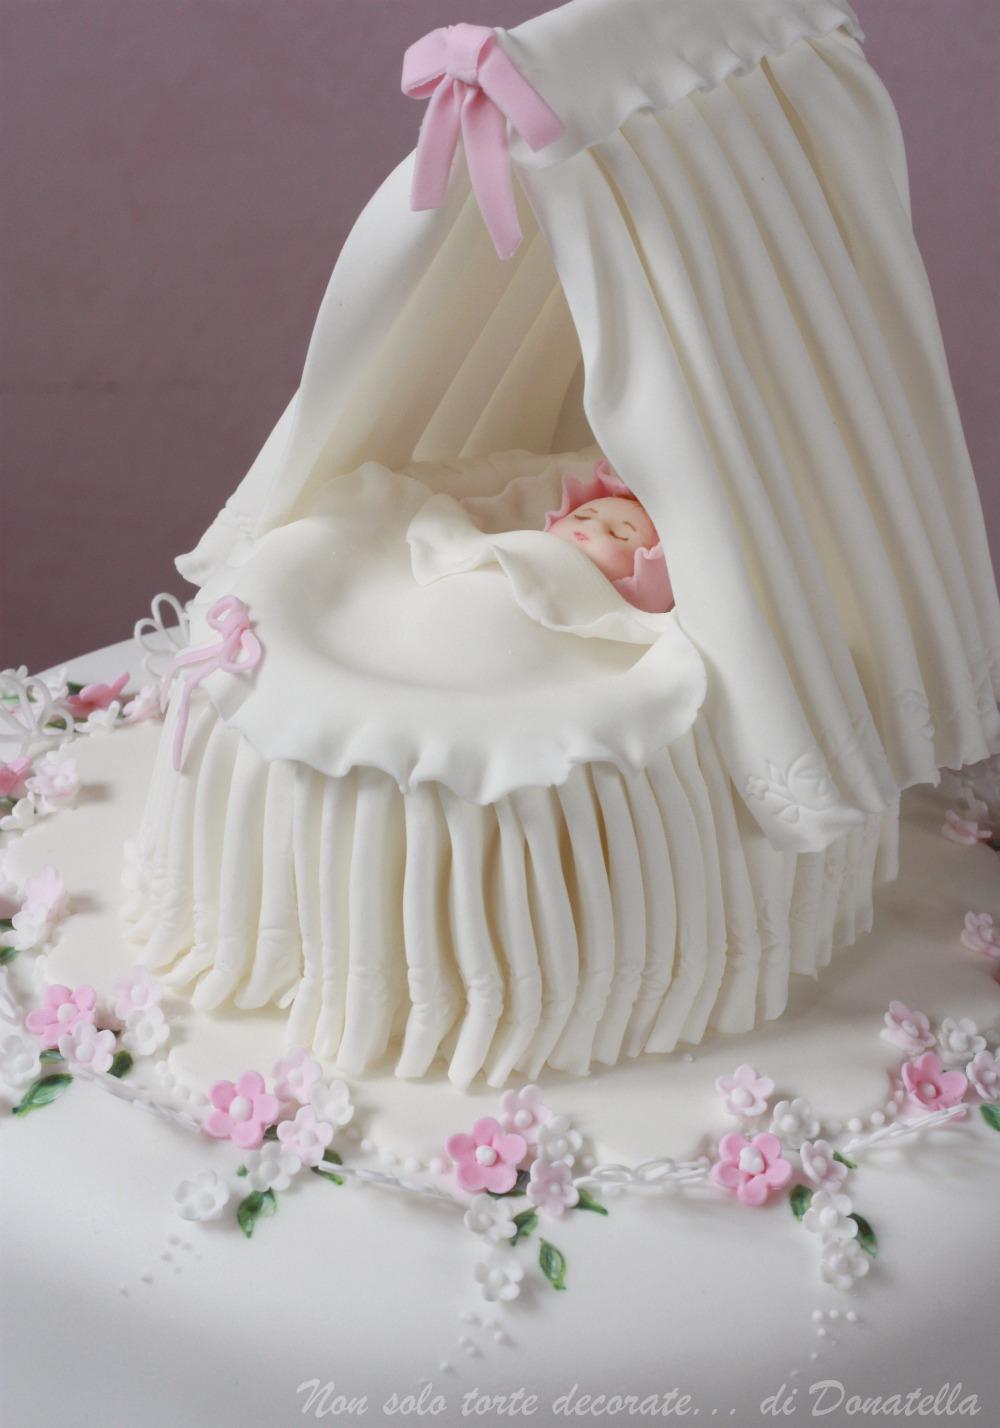 Molto La nascita di tuo figlio, da condividere il felice evento con….. TS37